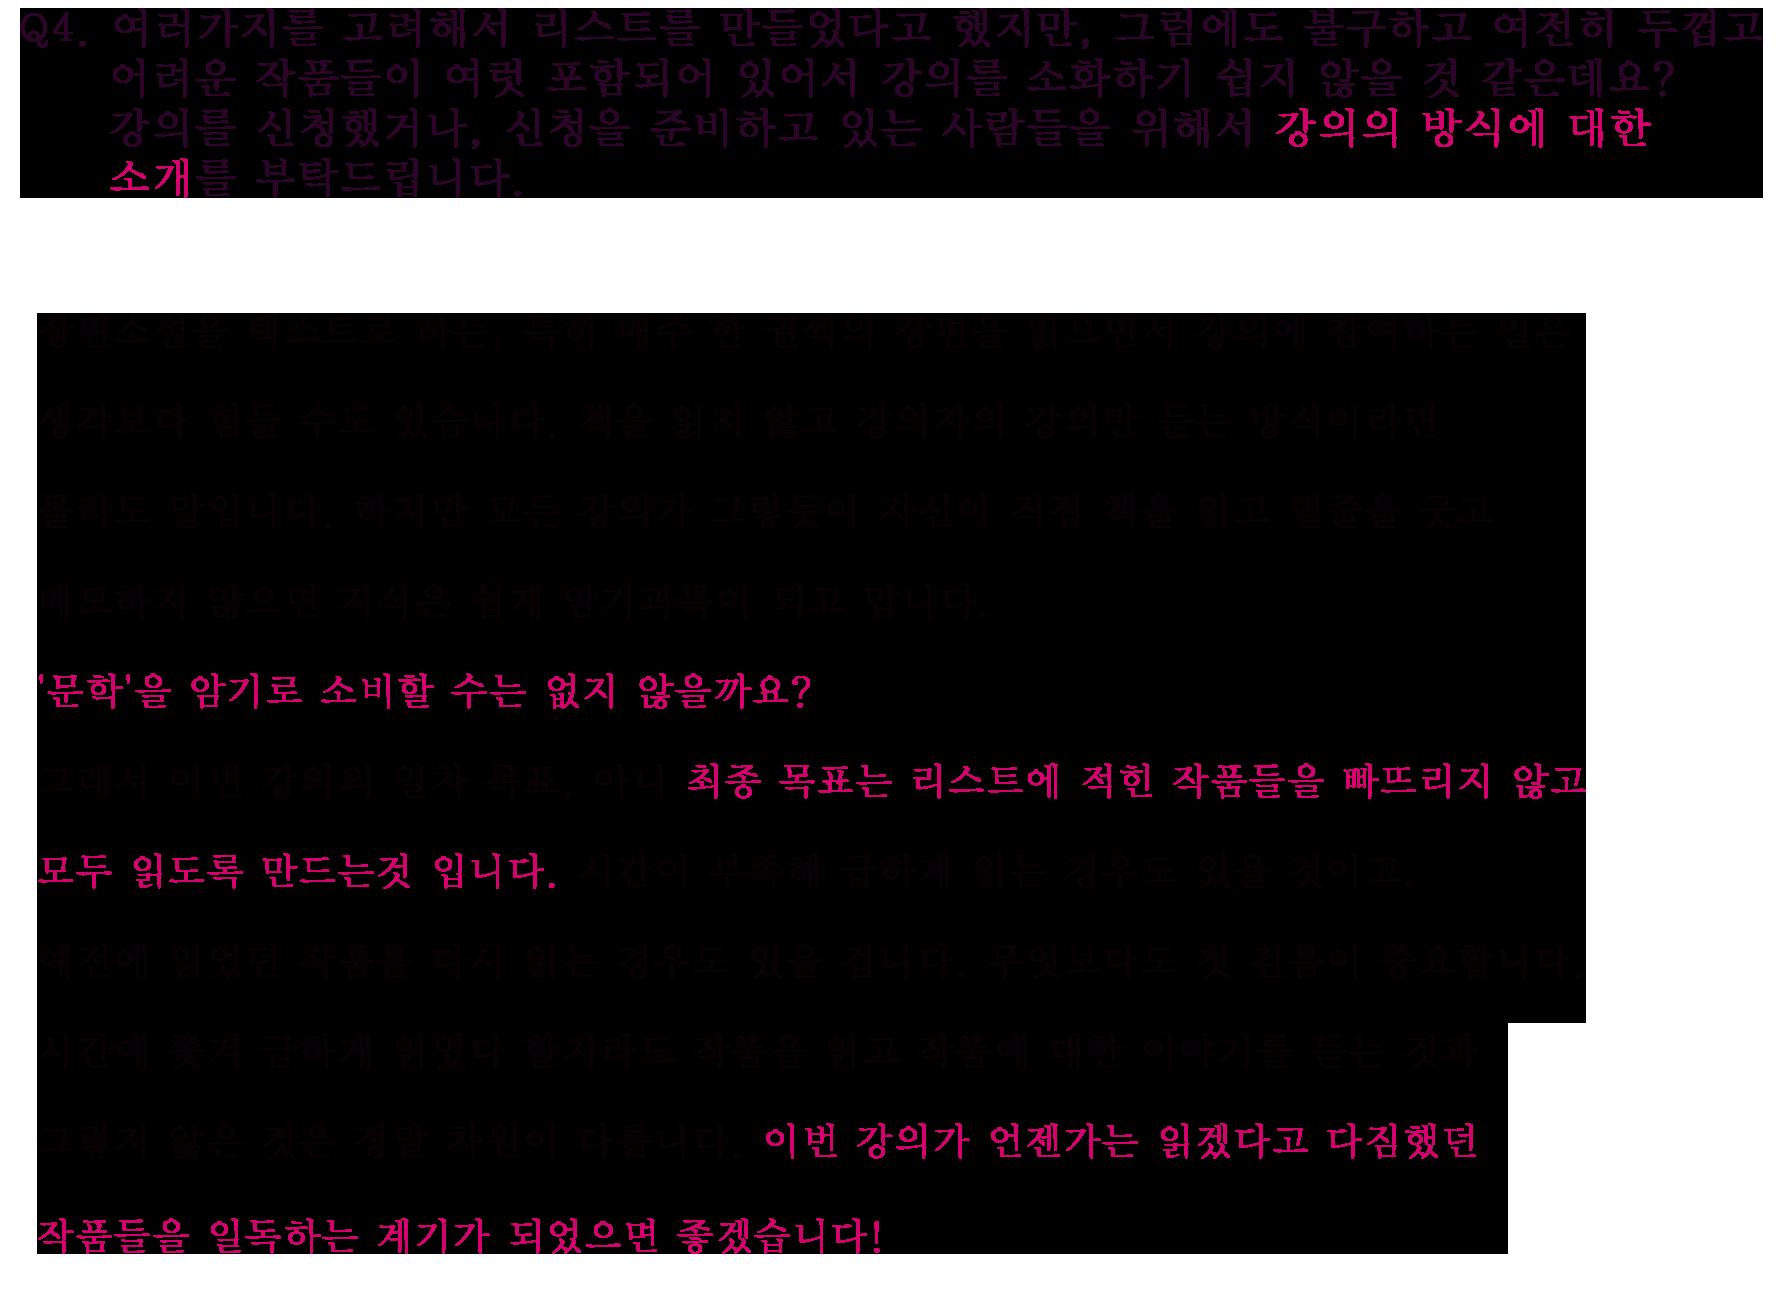 강의 방식 소개.png